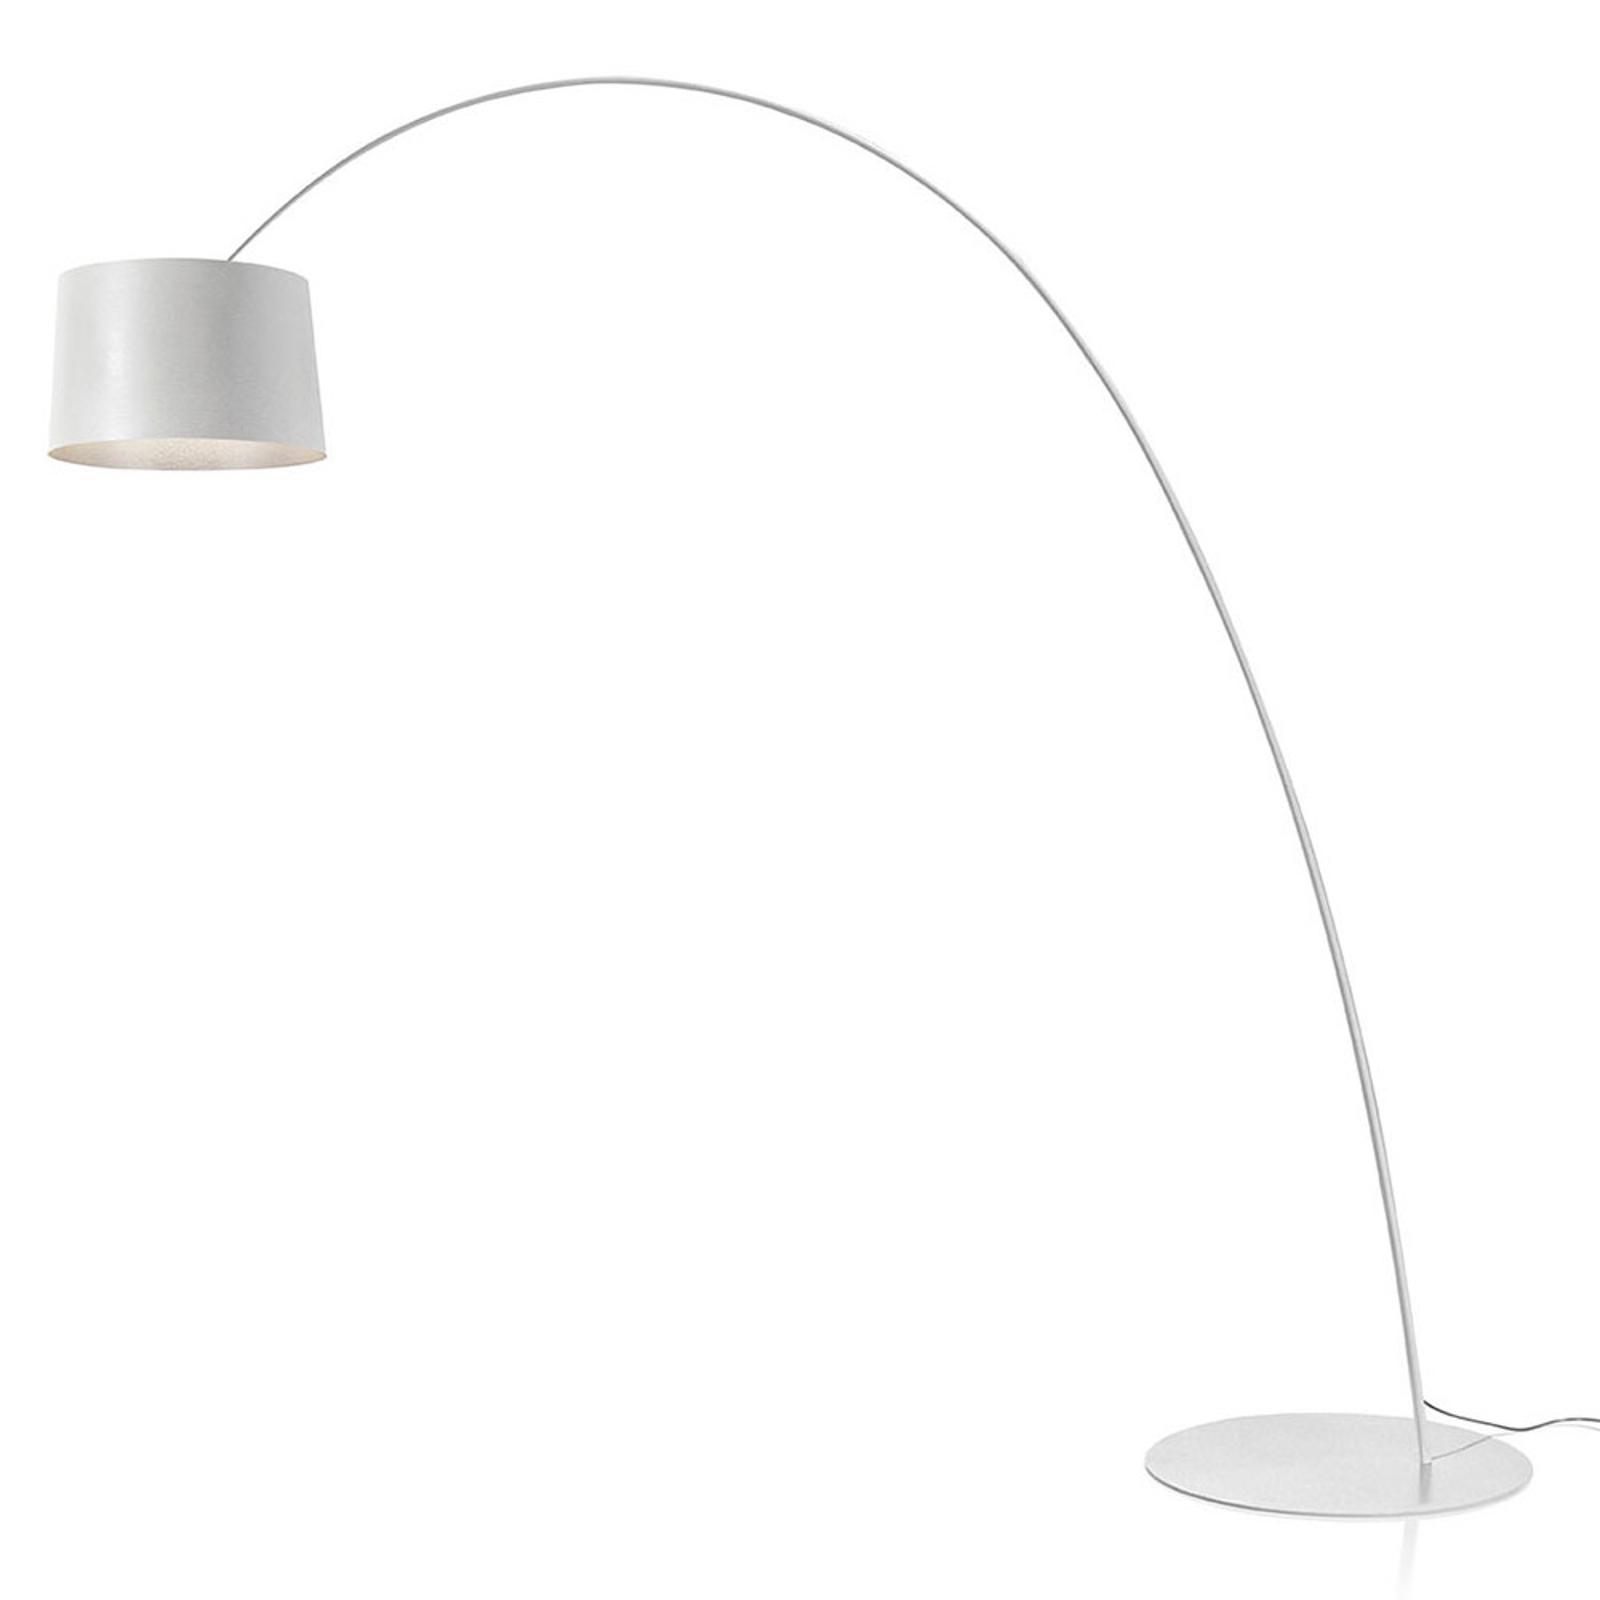 Foscarini Twiggy MyLight LED-Stehlampe CCT weiß